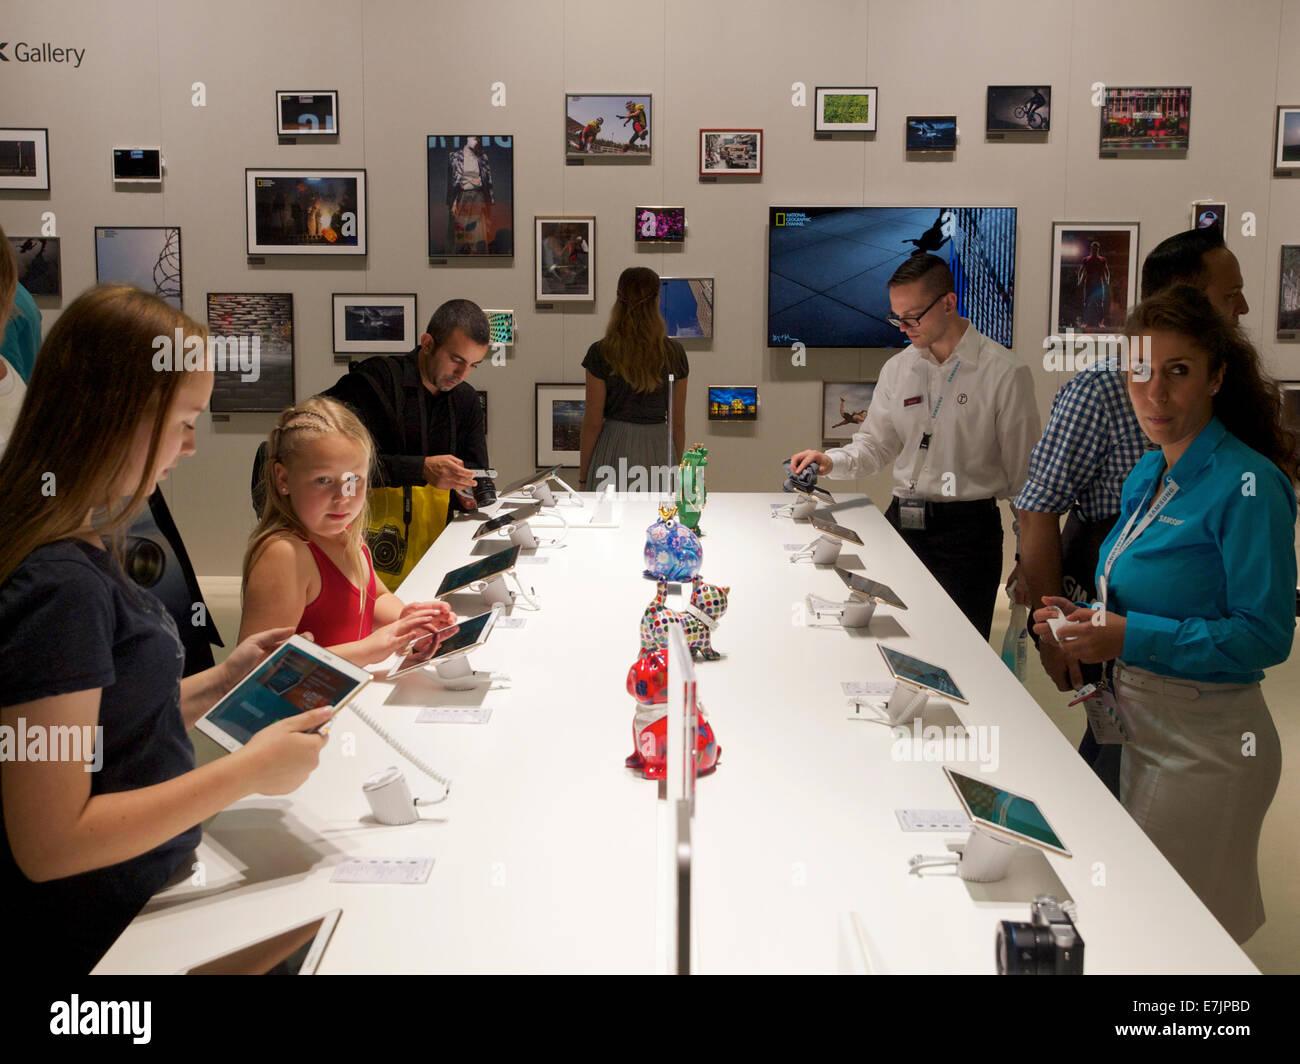 Les gens essayer les derniers Samsung Galaxy comprimés à la Photokina 2014 trade show à Cologne, Allemagne Banque D'Images